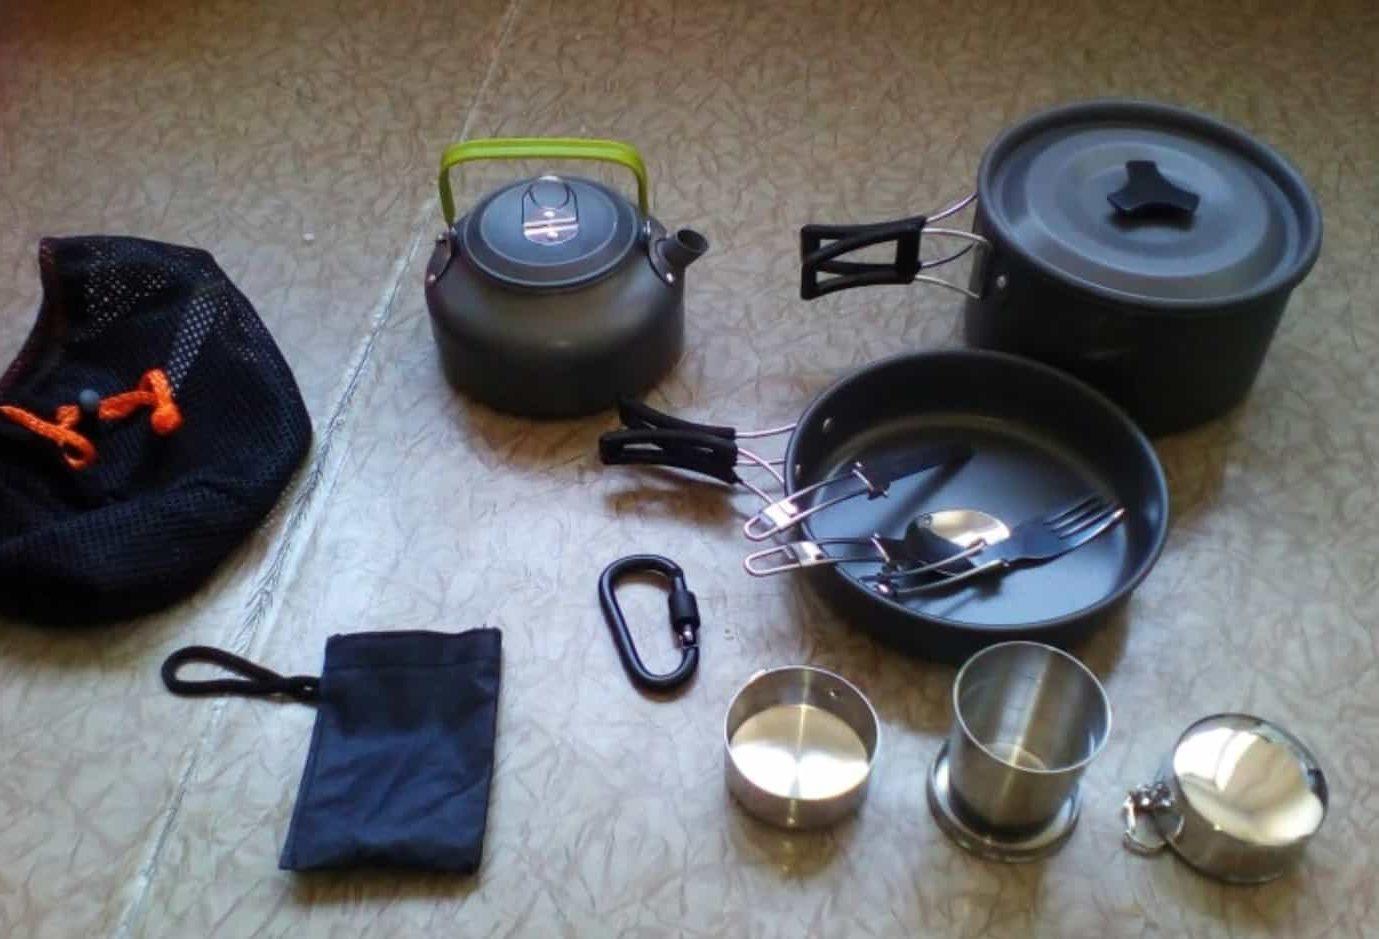 Недорогой набор посуды с антипригарным покрытием